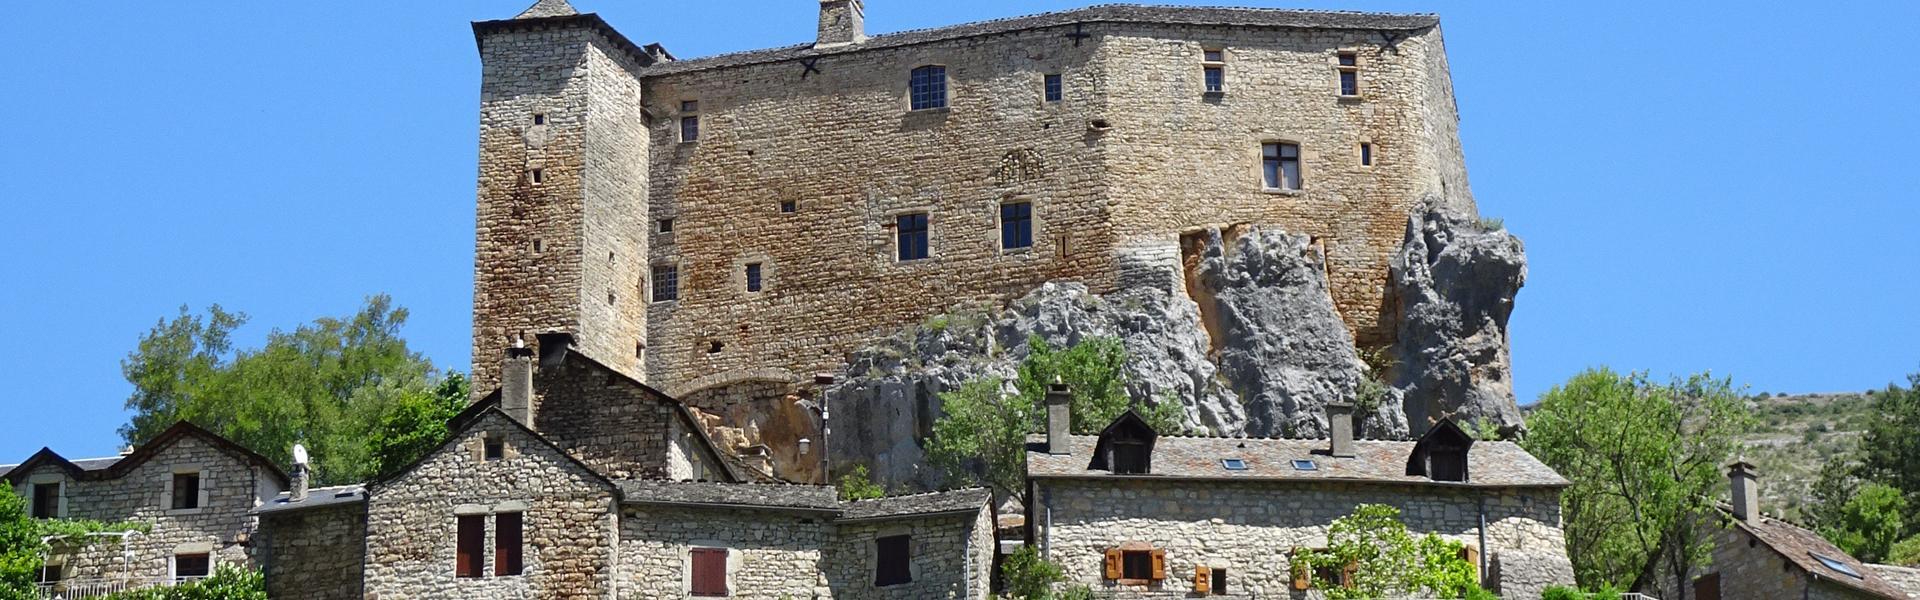 Tout là-haut dans le ciel, le Château de Prades